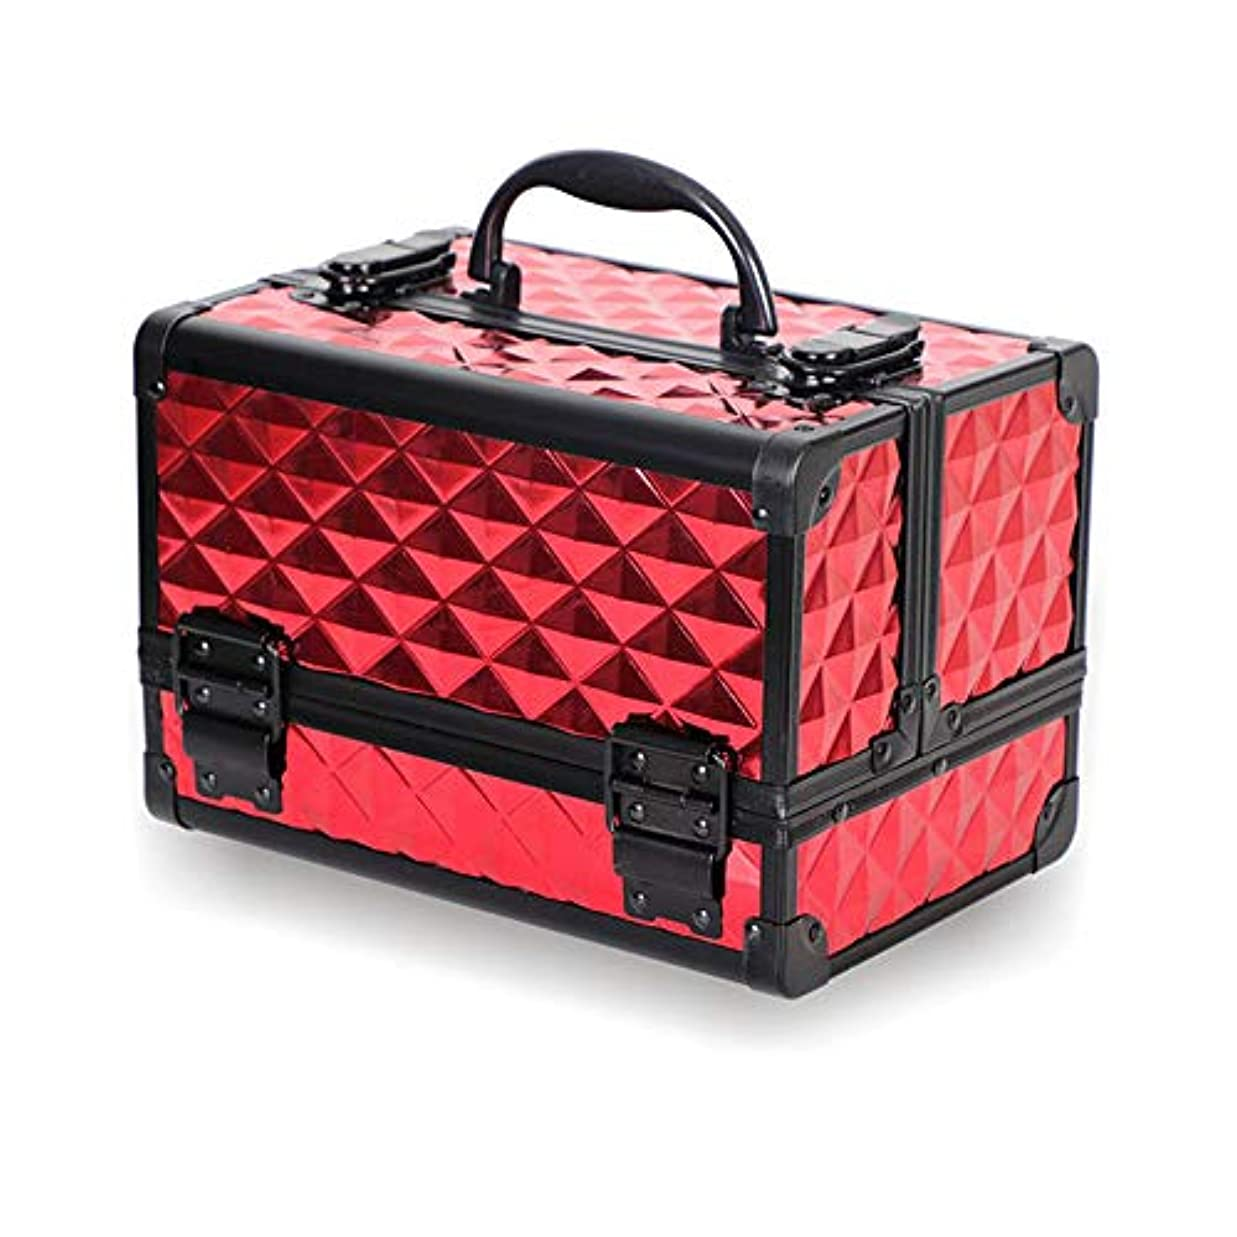 韓国語上向き騒乱特大スペース収納ビューティーボックス 美の構造のためそしてジッパーおよび折る皿が付いている女の子の女性旅行そして毎日の貯蔵のための高容量の携帯用化粧品袋 化粧品化粧台 (色 : 赤)